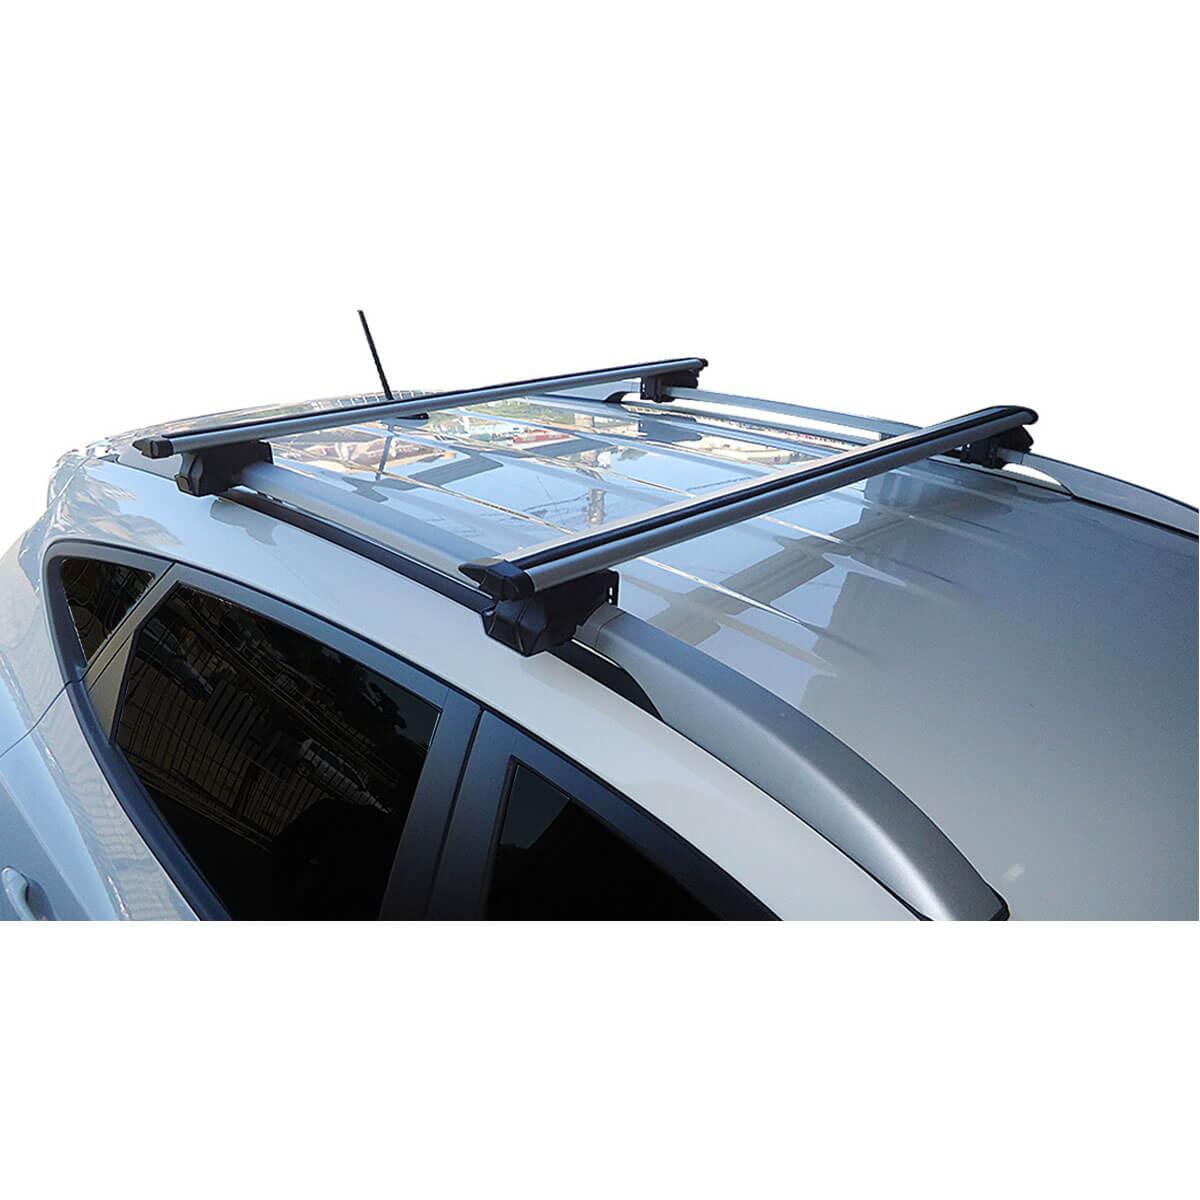 Travessa rack de teto Procargo Santa Fé 2007 a 2013 com trava de segurança